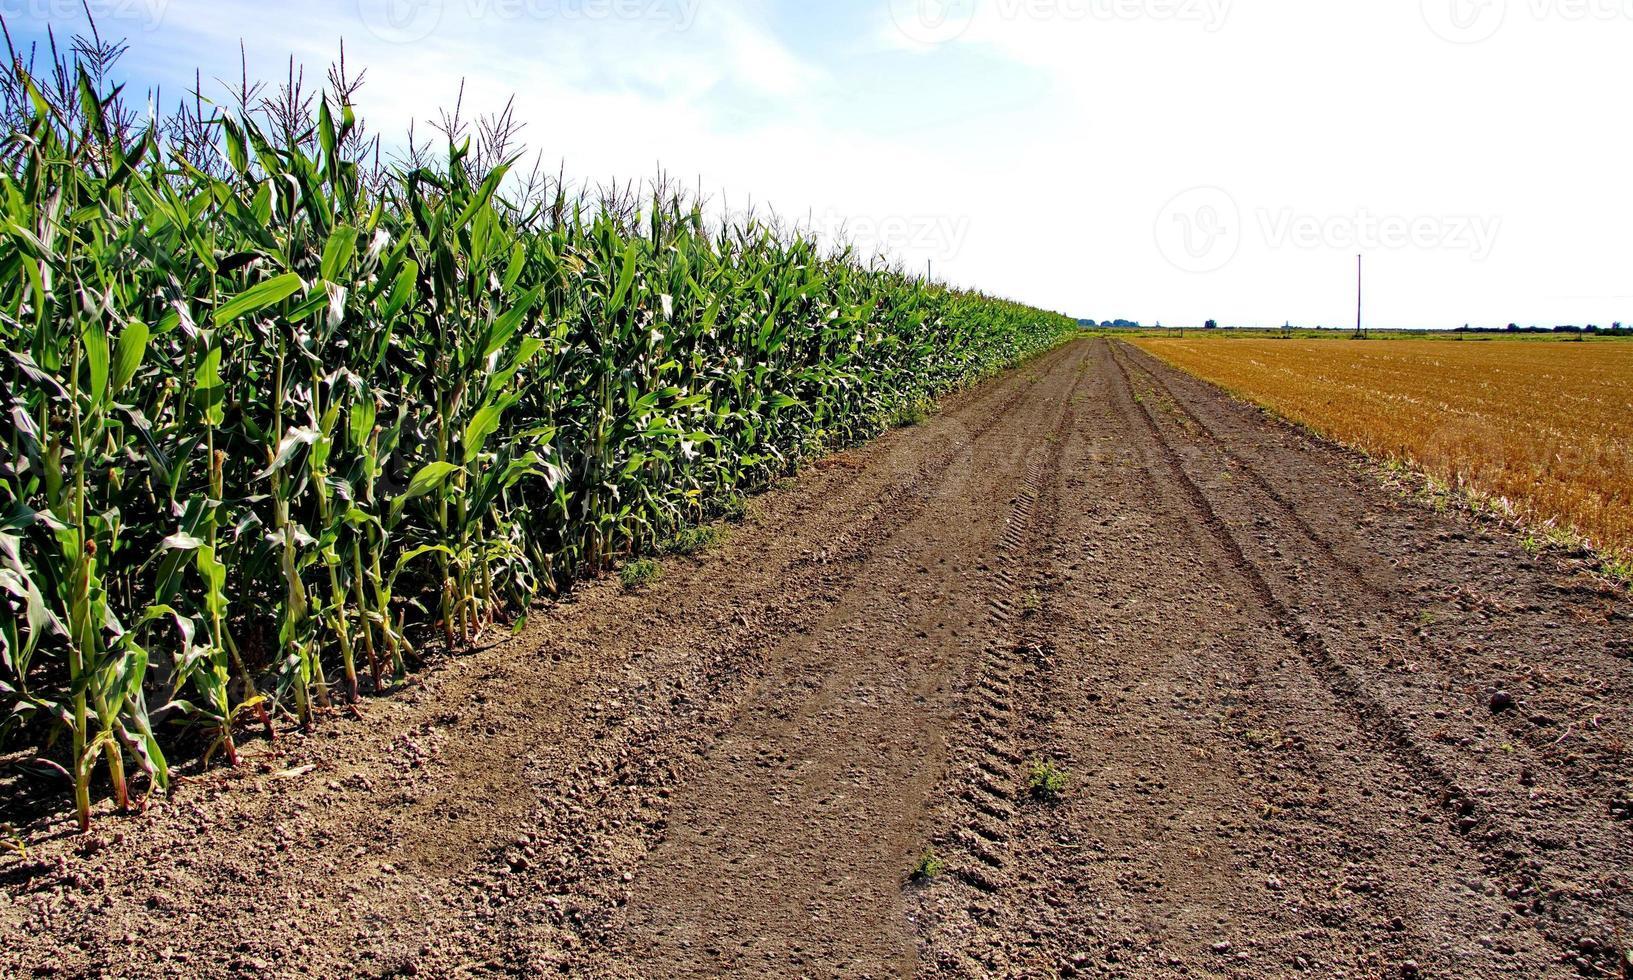 campo de maíz y el campo de hierba cortada foto